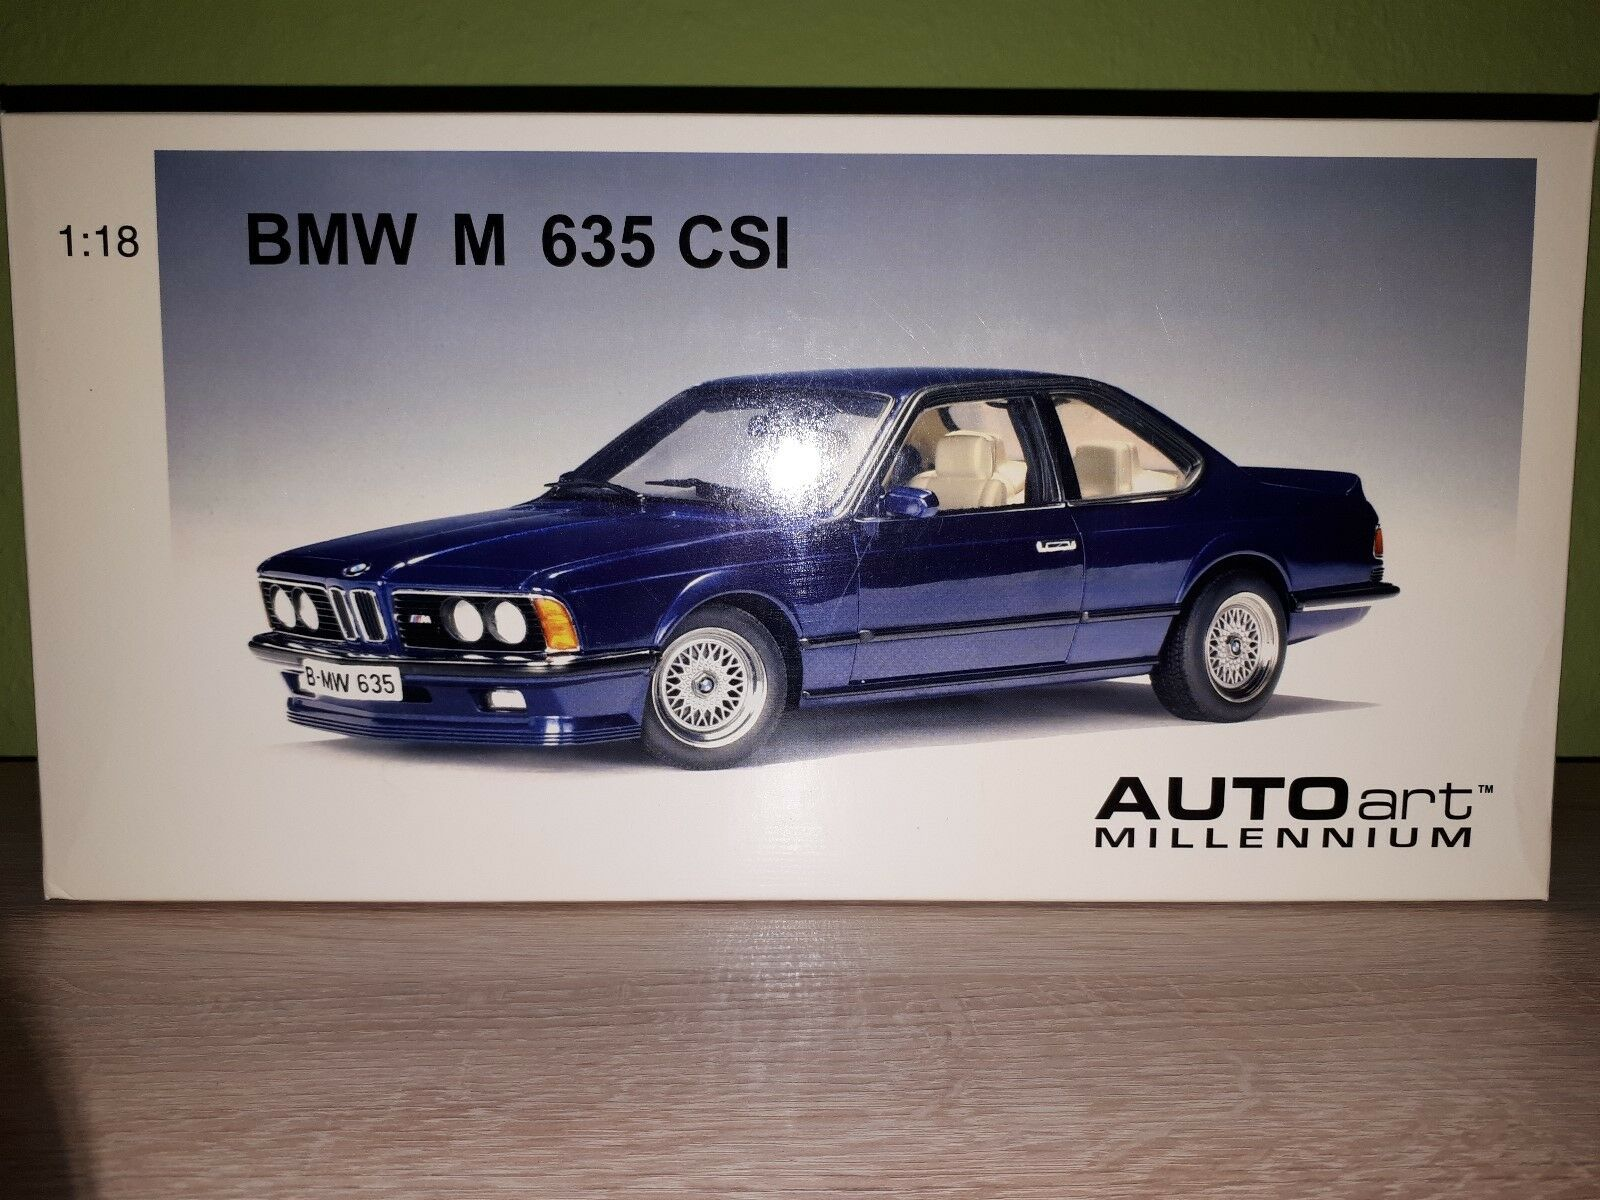 Autoart BMW m635i e24 1984 in blu scuro-metallico 1:18 Incl. SCATOLA ORIGINALE RAR